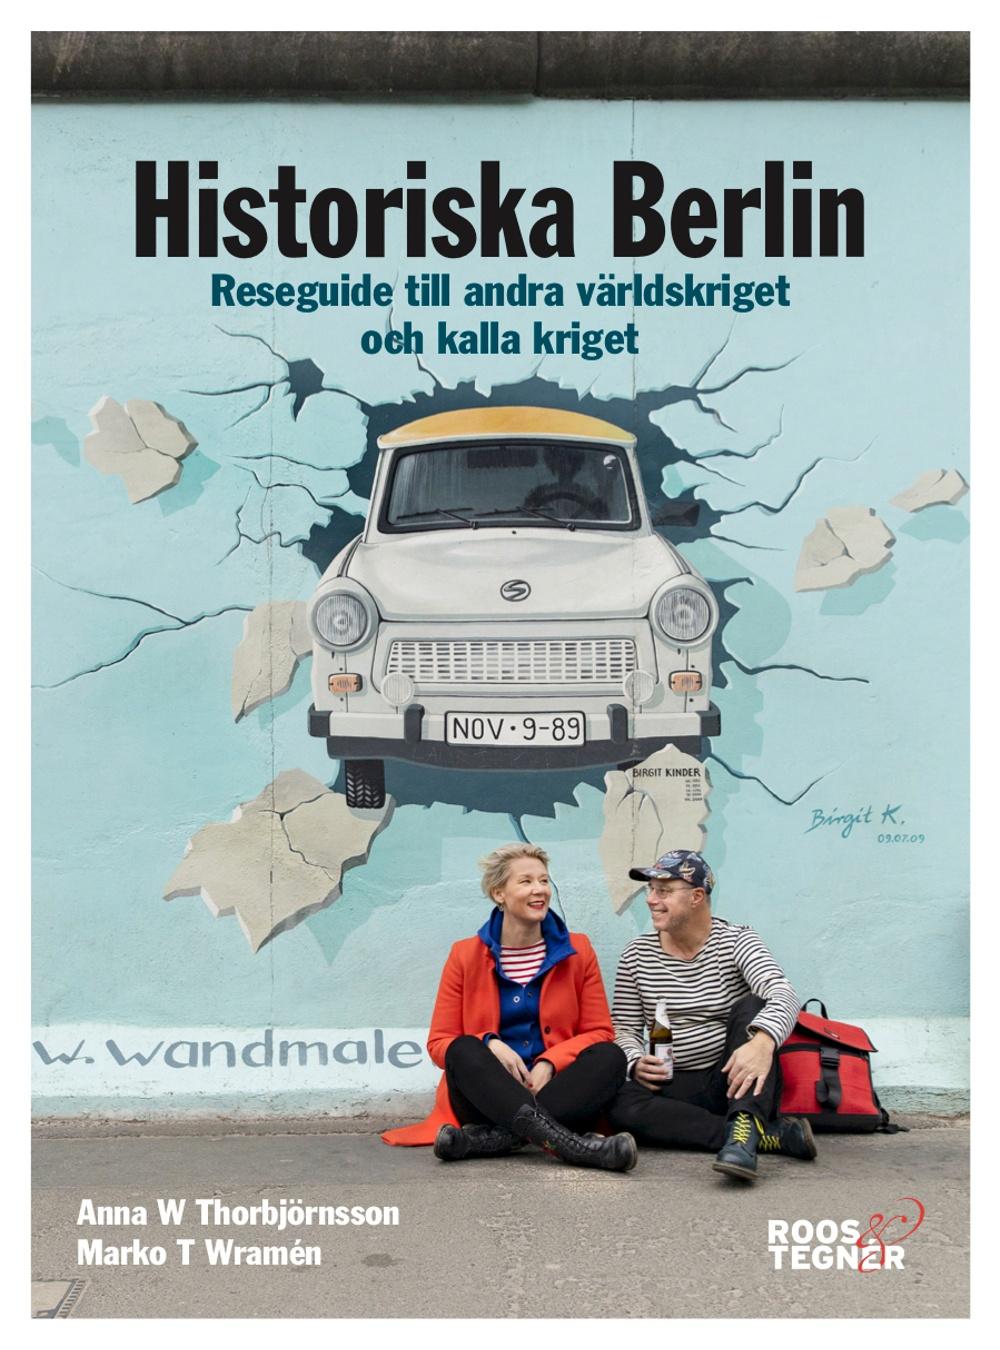 Bokomslag: Historiska Berlin - Reseguide till andra världskriget och kalla kriget